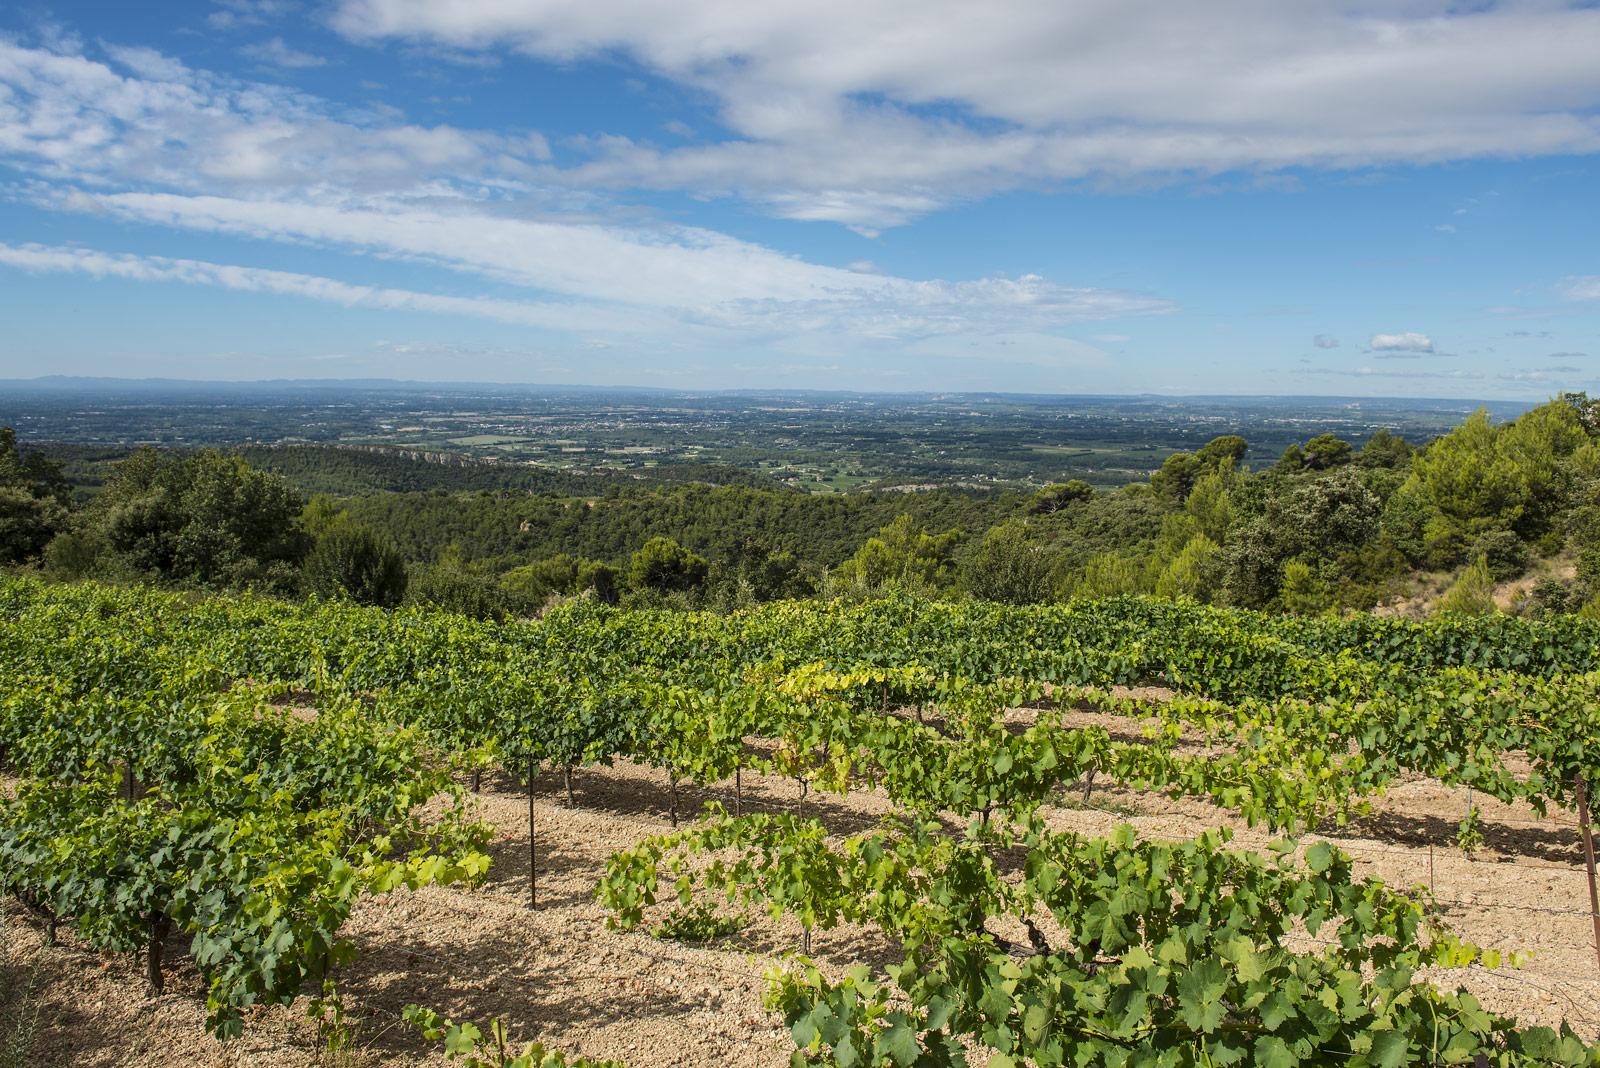 Quelques vignes à flanc de coteau, une terre caillouteuse, un ciel bleu magnifique : la quintessence de notre terroir